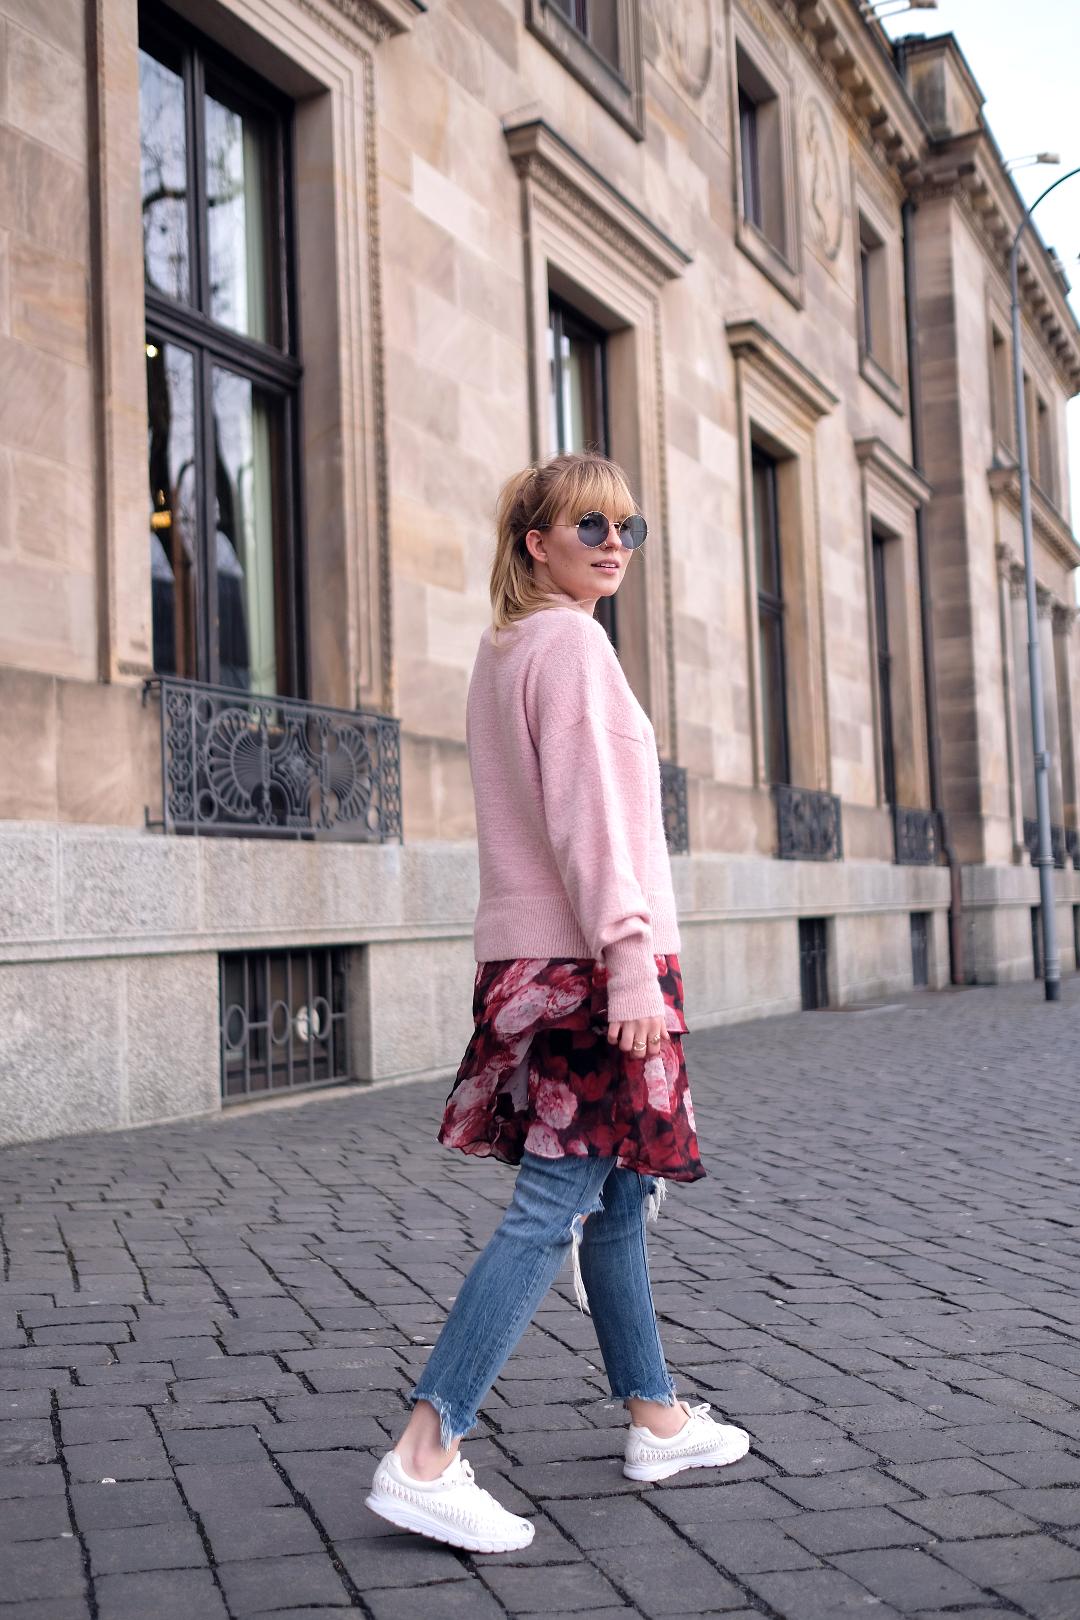 nakd kleid über zara jeans mit pullover von galeria kaufhof nike turnschuhen und rayban sonnenbrille